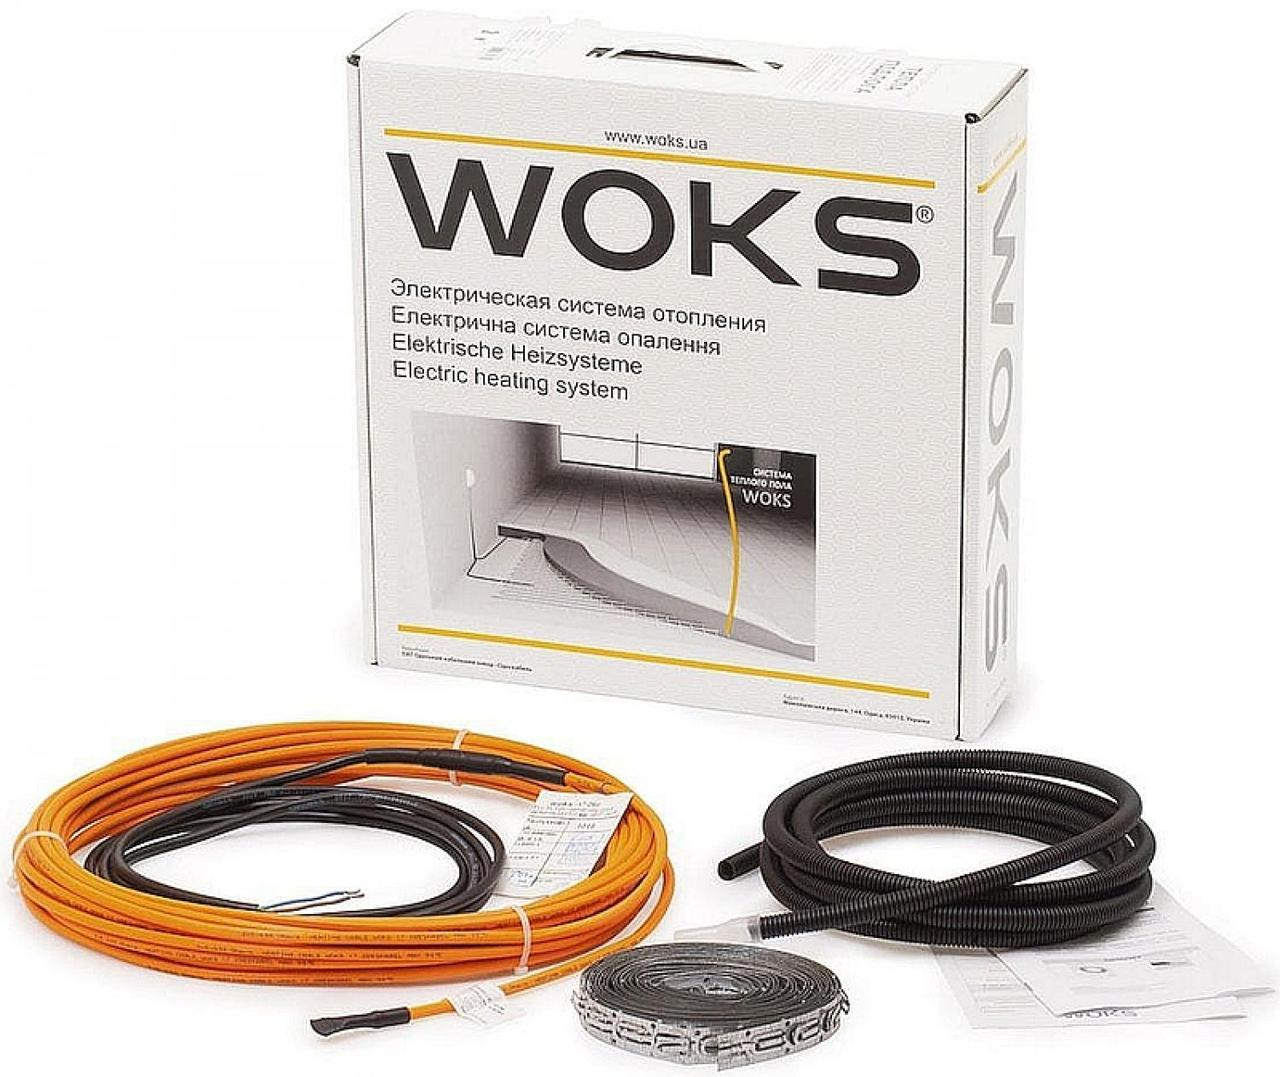 Теплый пол Woks 17 двухжильный кабель 785 Вт 49 м 21785, КОД: 146036